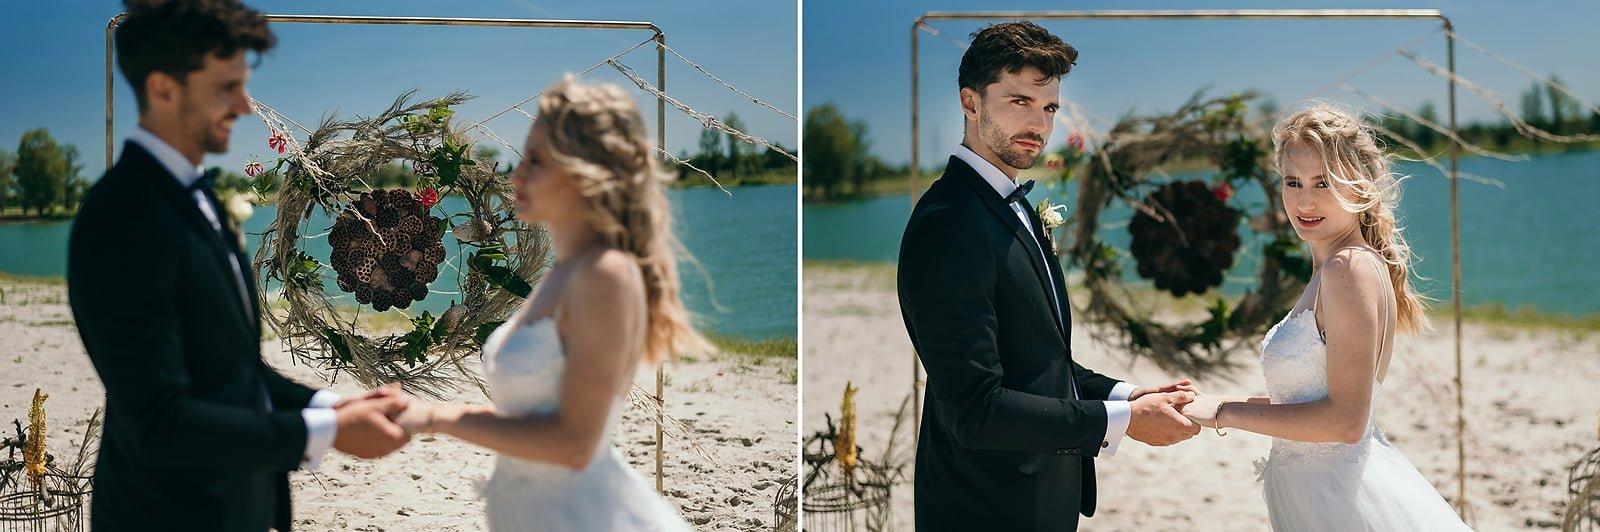 Stylizowana sesja ślubna w klimacie południowej Hiszpanii 16